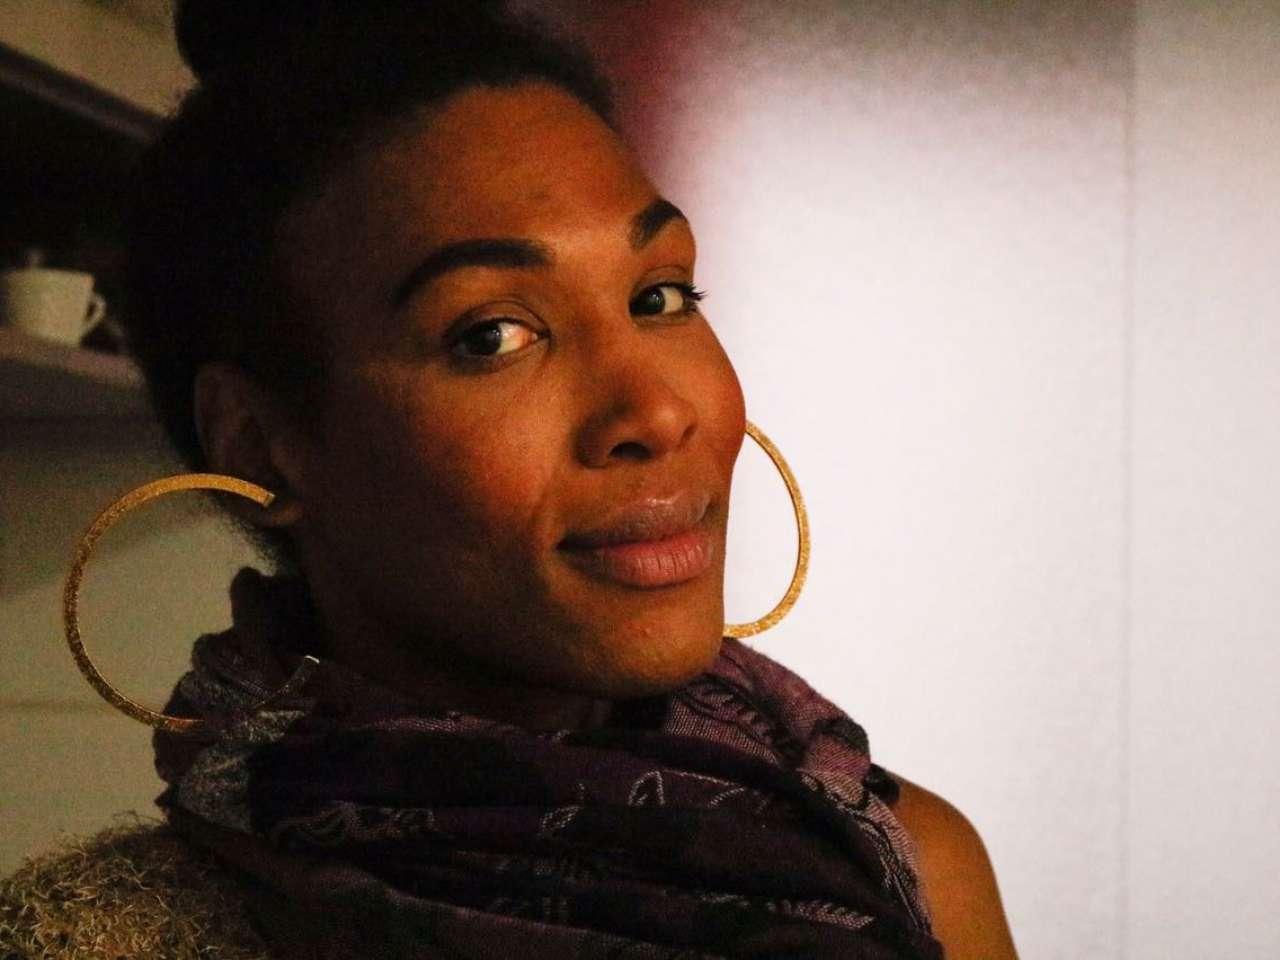 Por espaços feministas negros mais trans inclusivos